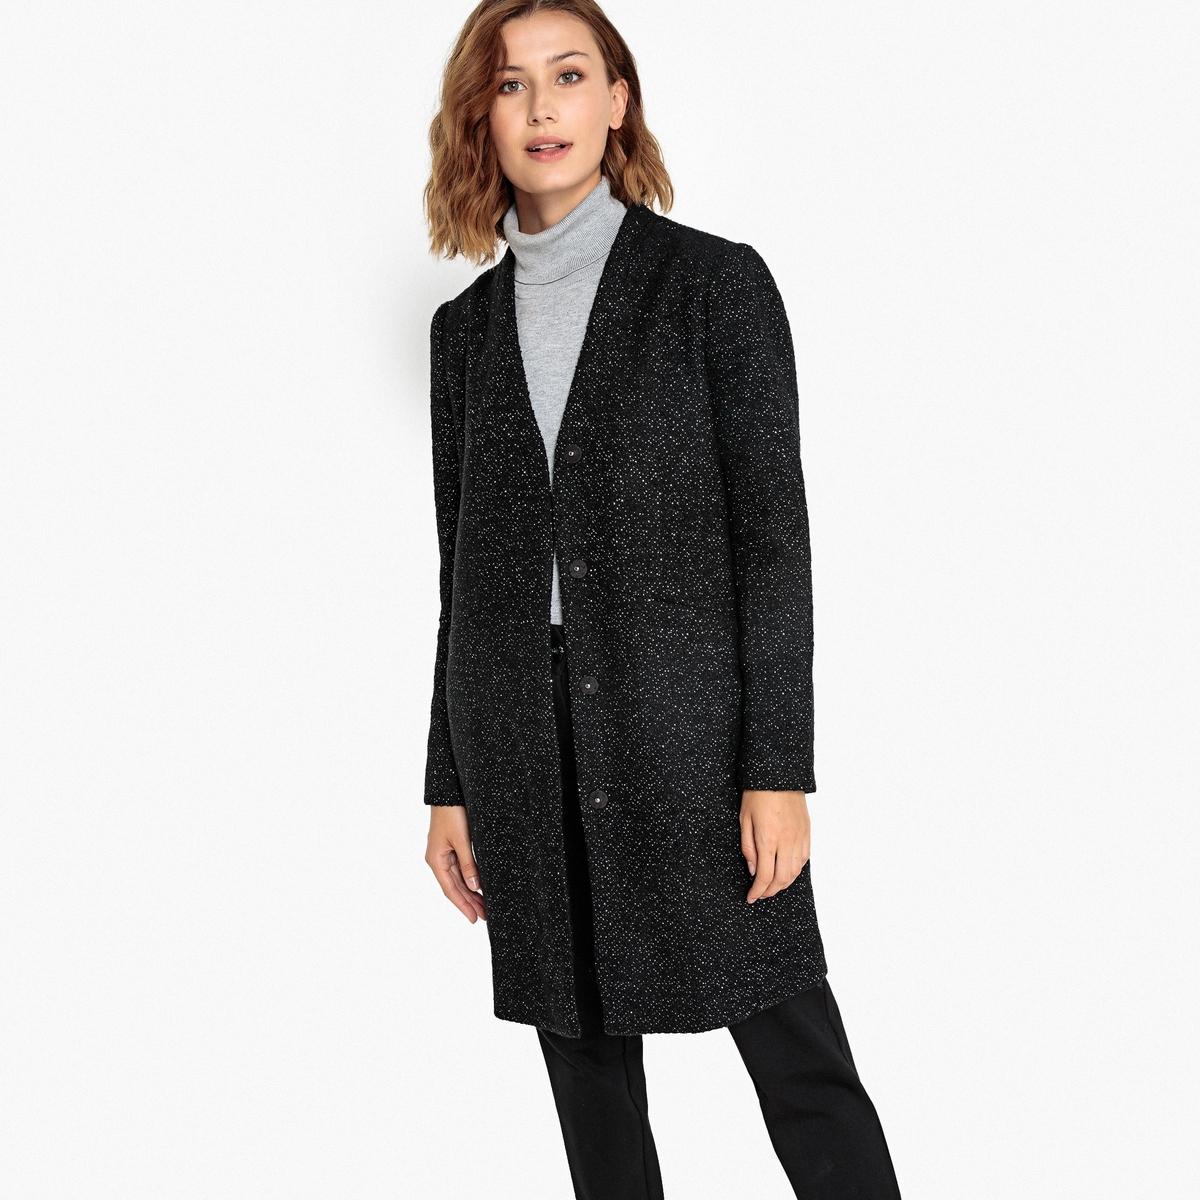 Пальто La Redoute Из полушерстяной ткани с волокнами с металлическим блеском 34 (FR) - 40 (RUS) черный цены